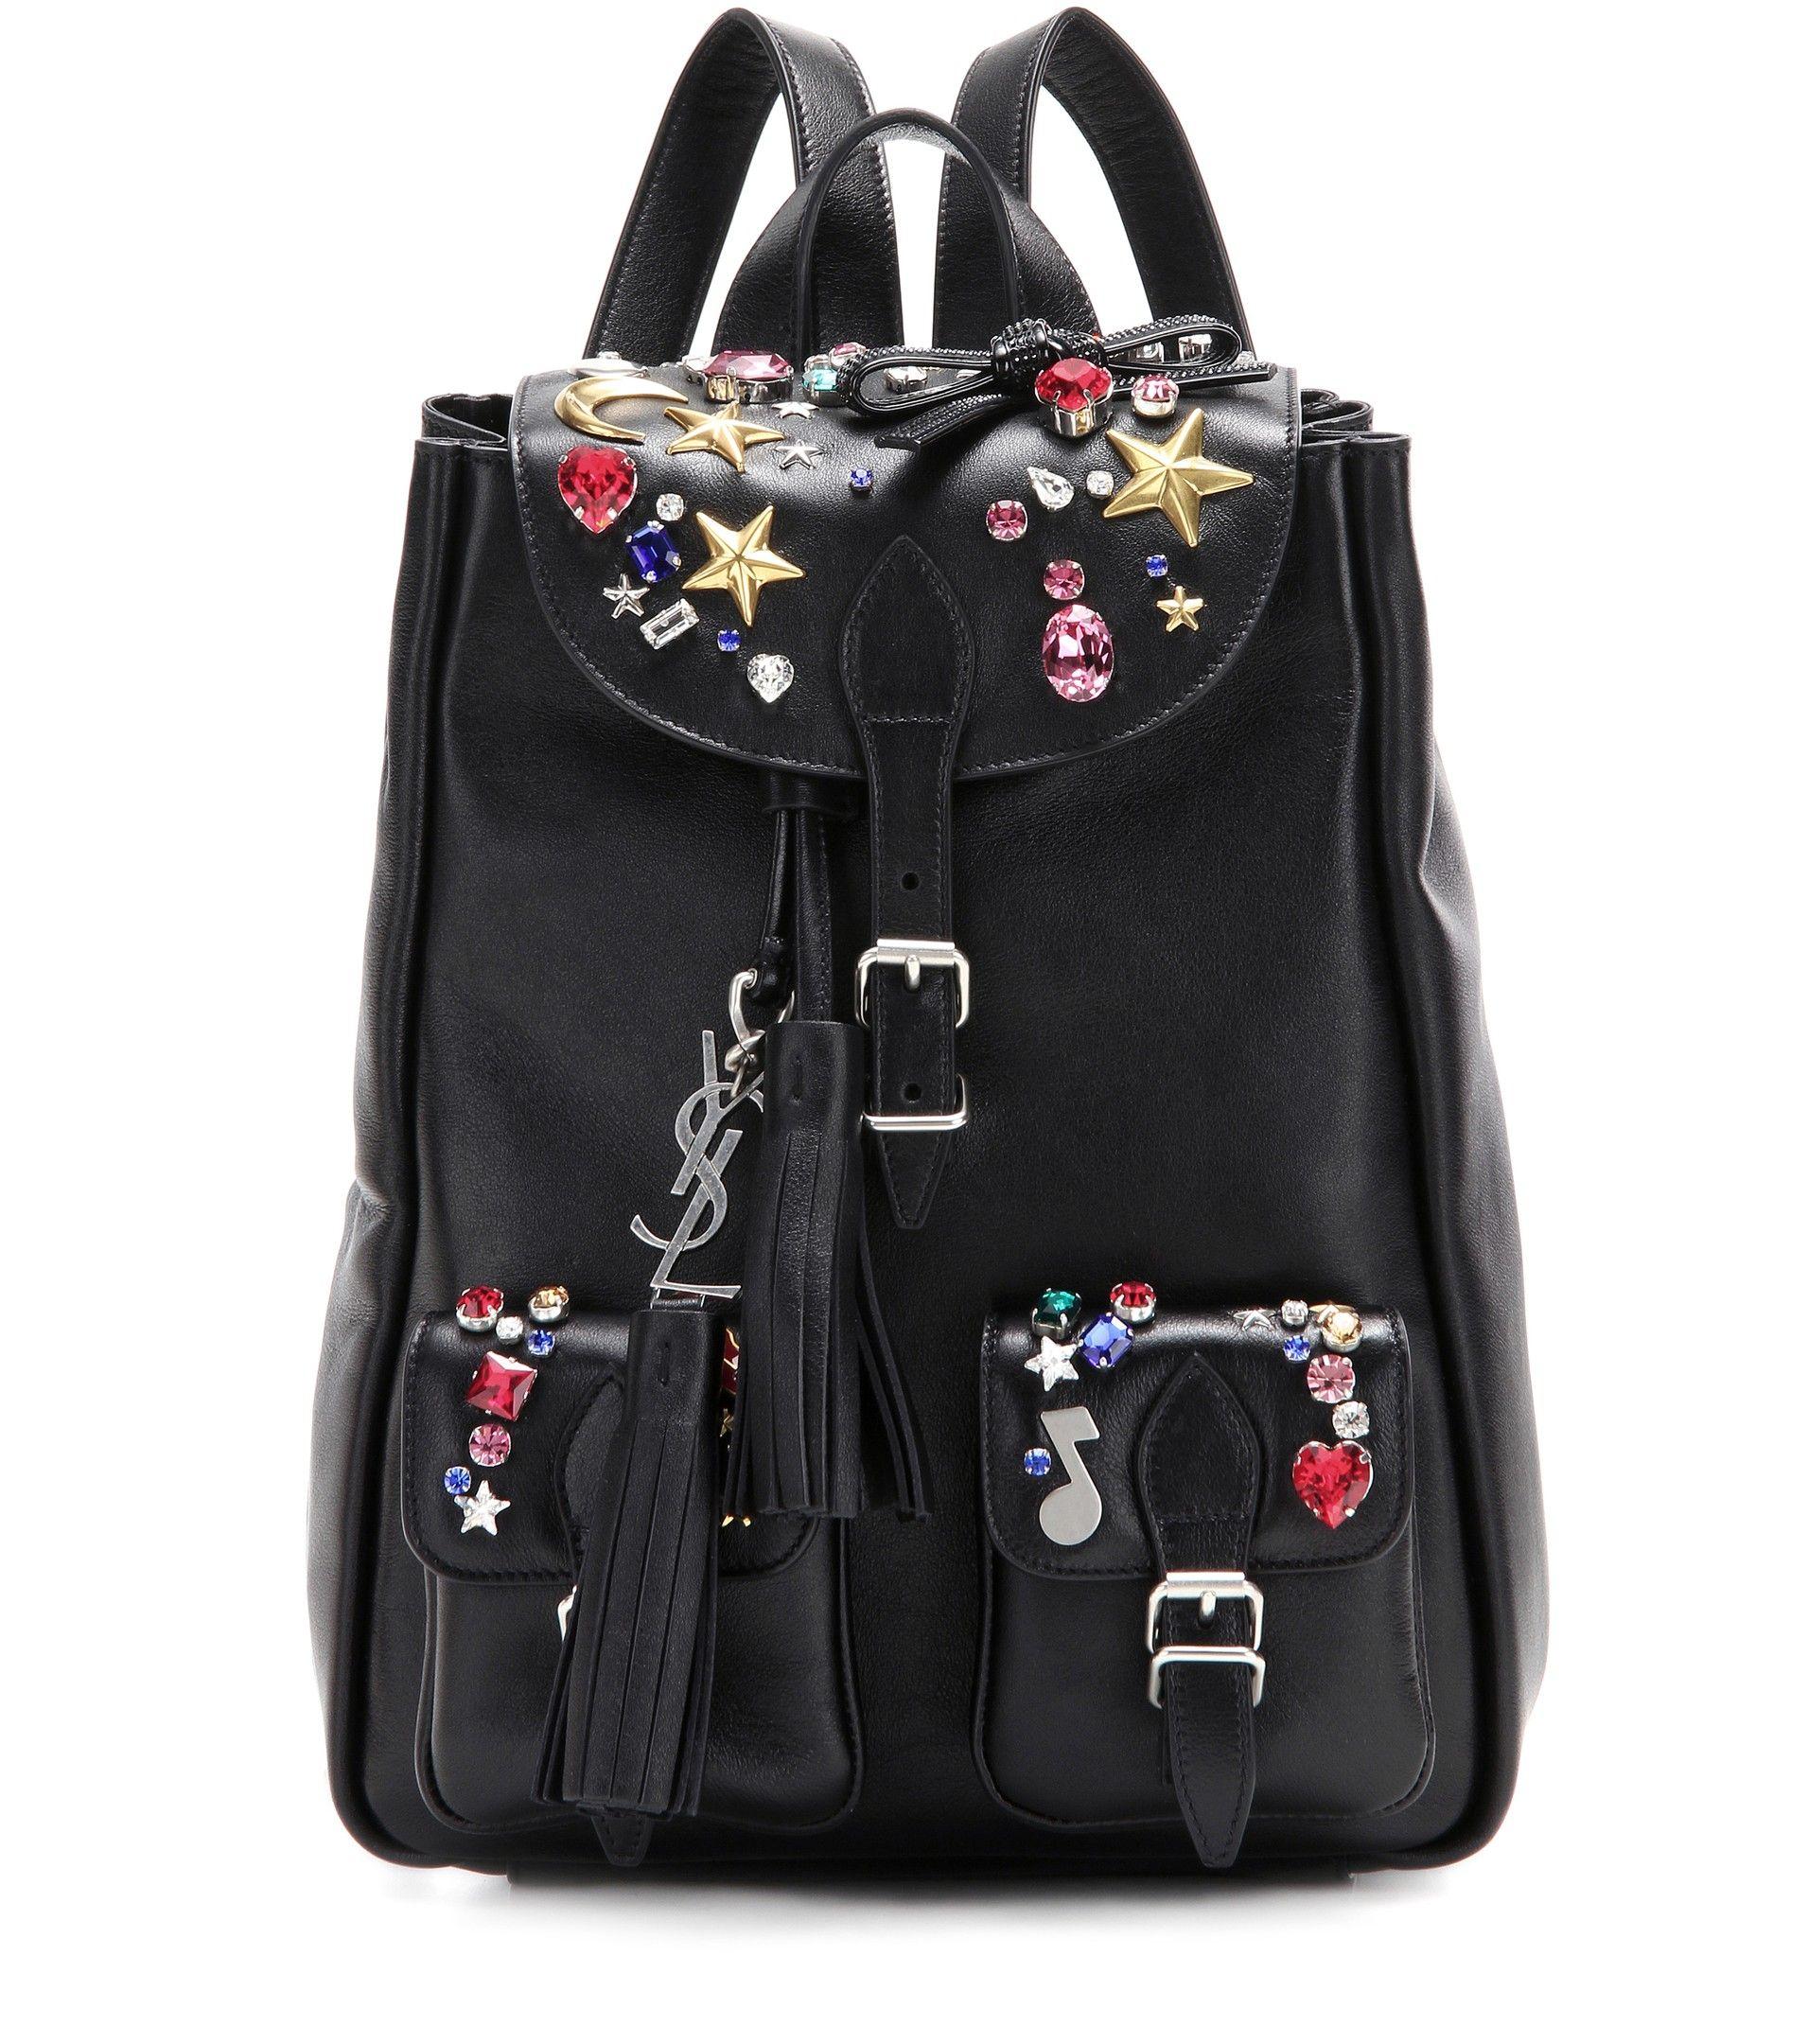 SAINT LAURENT Embellished leather backpack